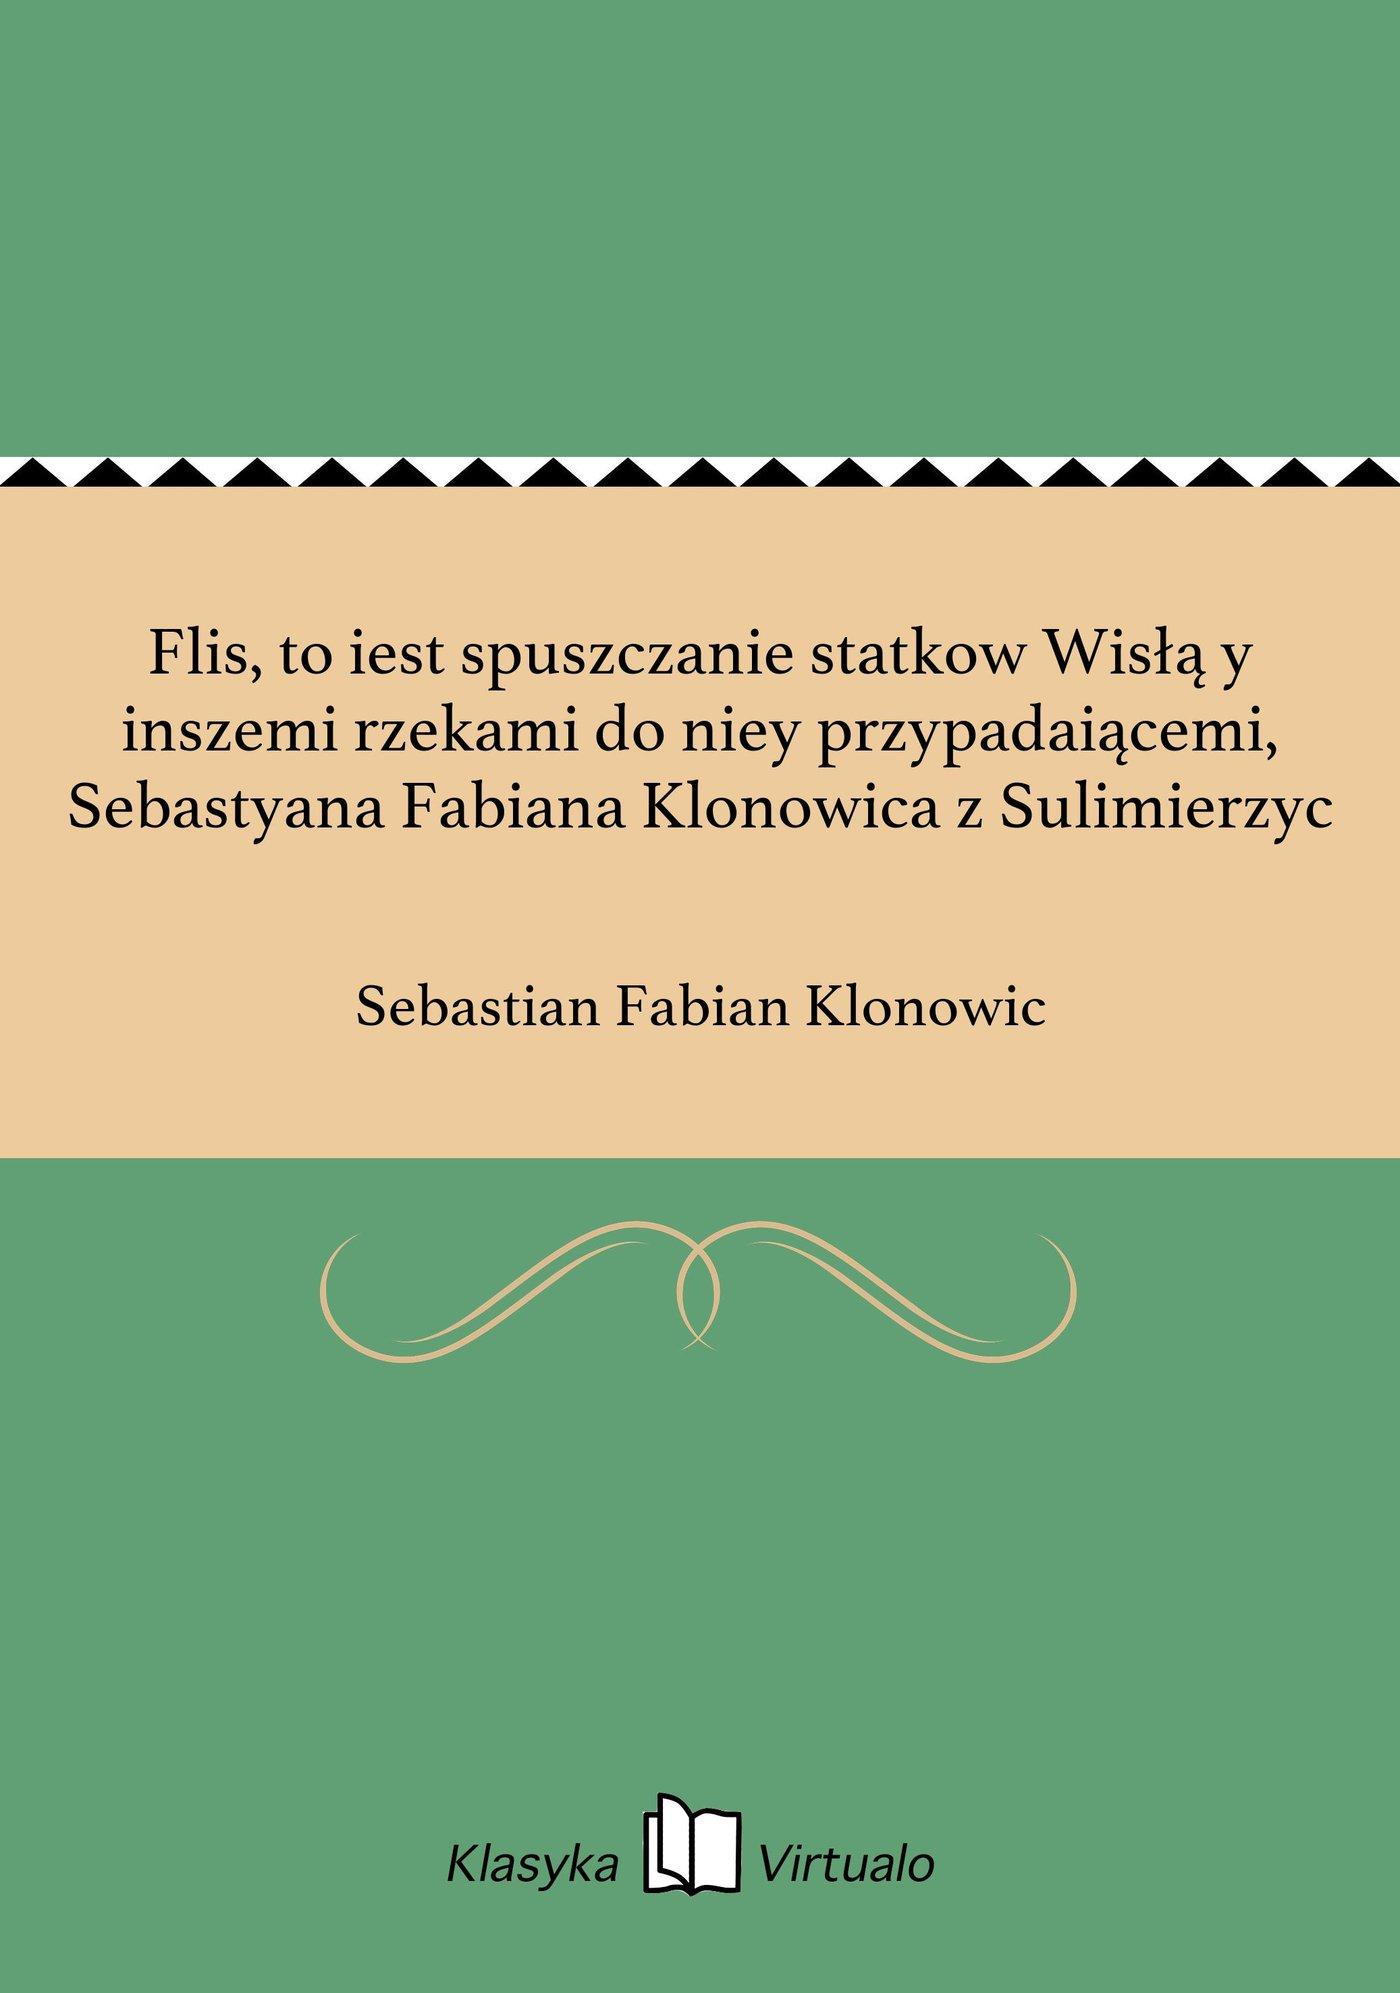 Flis, to iest spuszczanie statkow Wisłą y inszemi rzekami do niey przypadaiącemi, Sebastyana Fabiana Klonowica z Sulimierzyc - Ebook (Książka EPUB) do pobrania w formacie EPUB